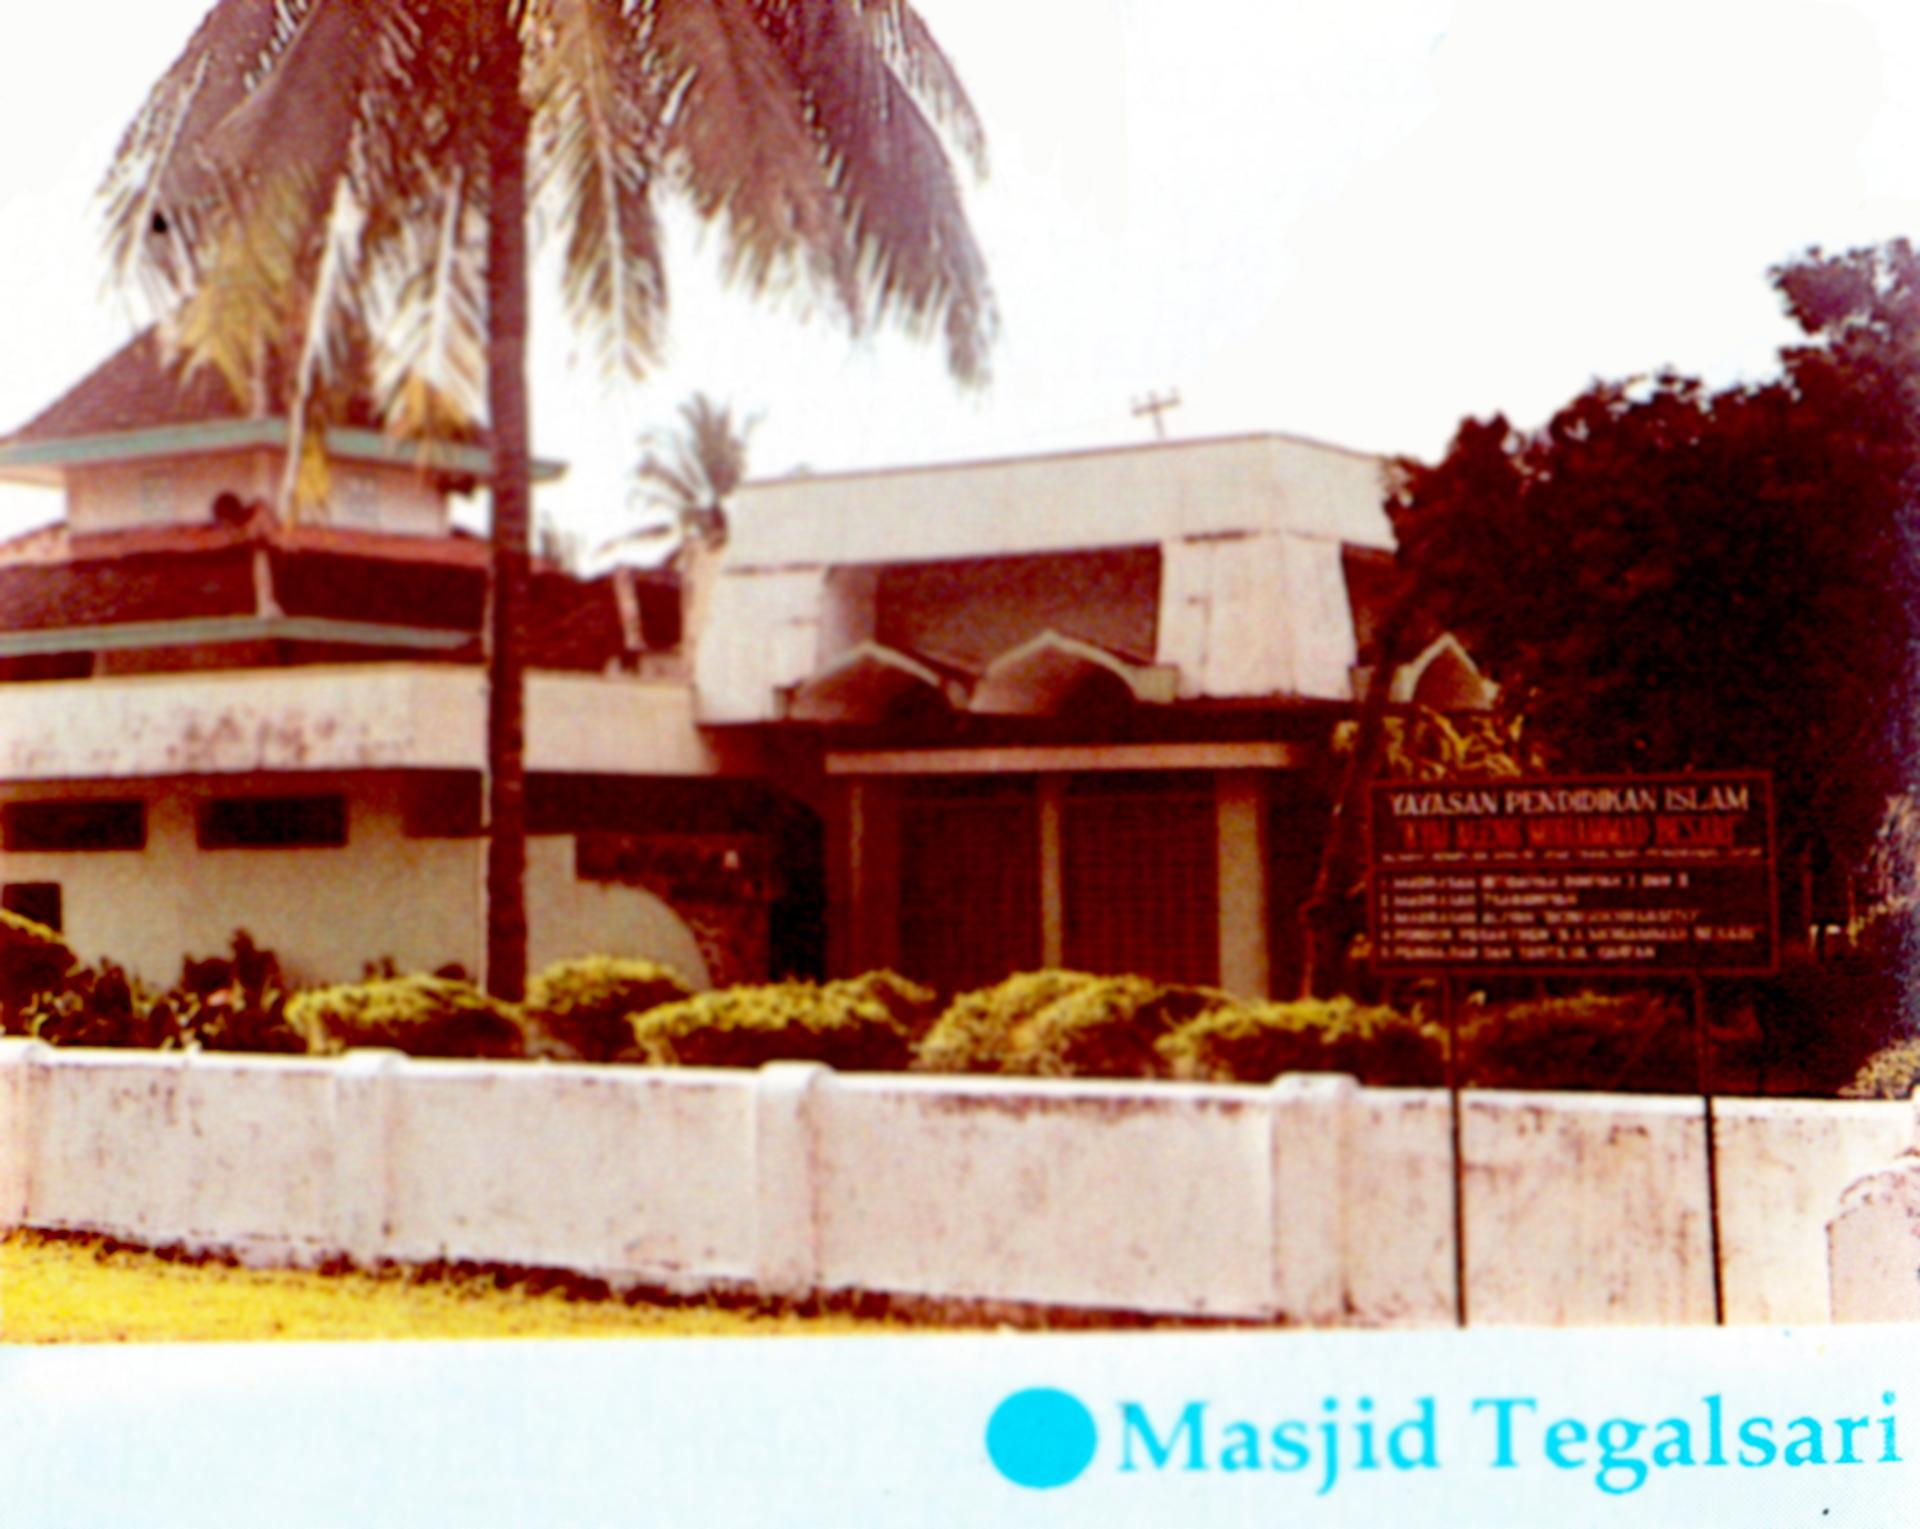 Babad Perdekan Tegalsari Awal Mula Pondok Tegal Sari Pusaka Masjid